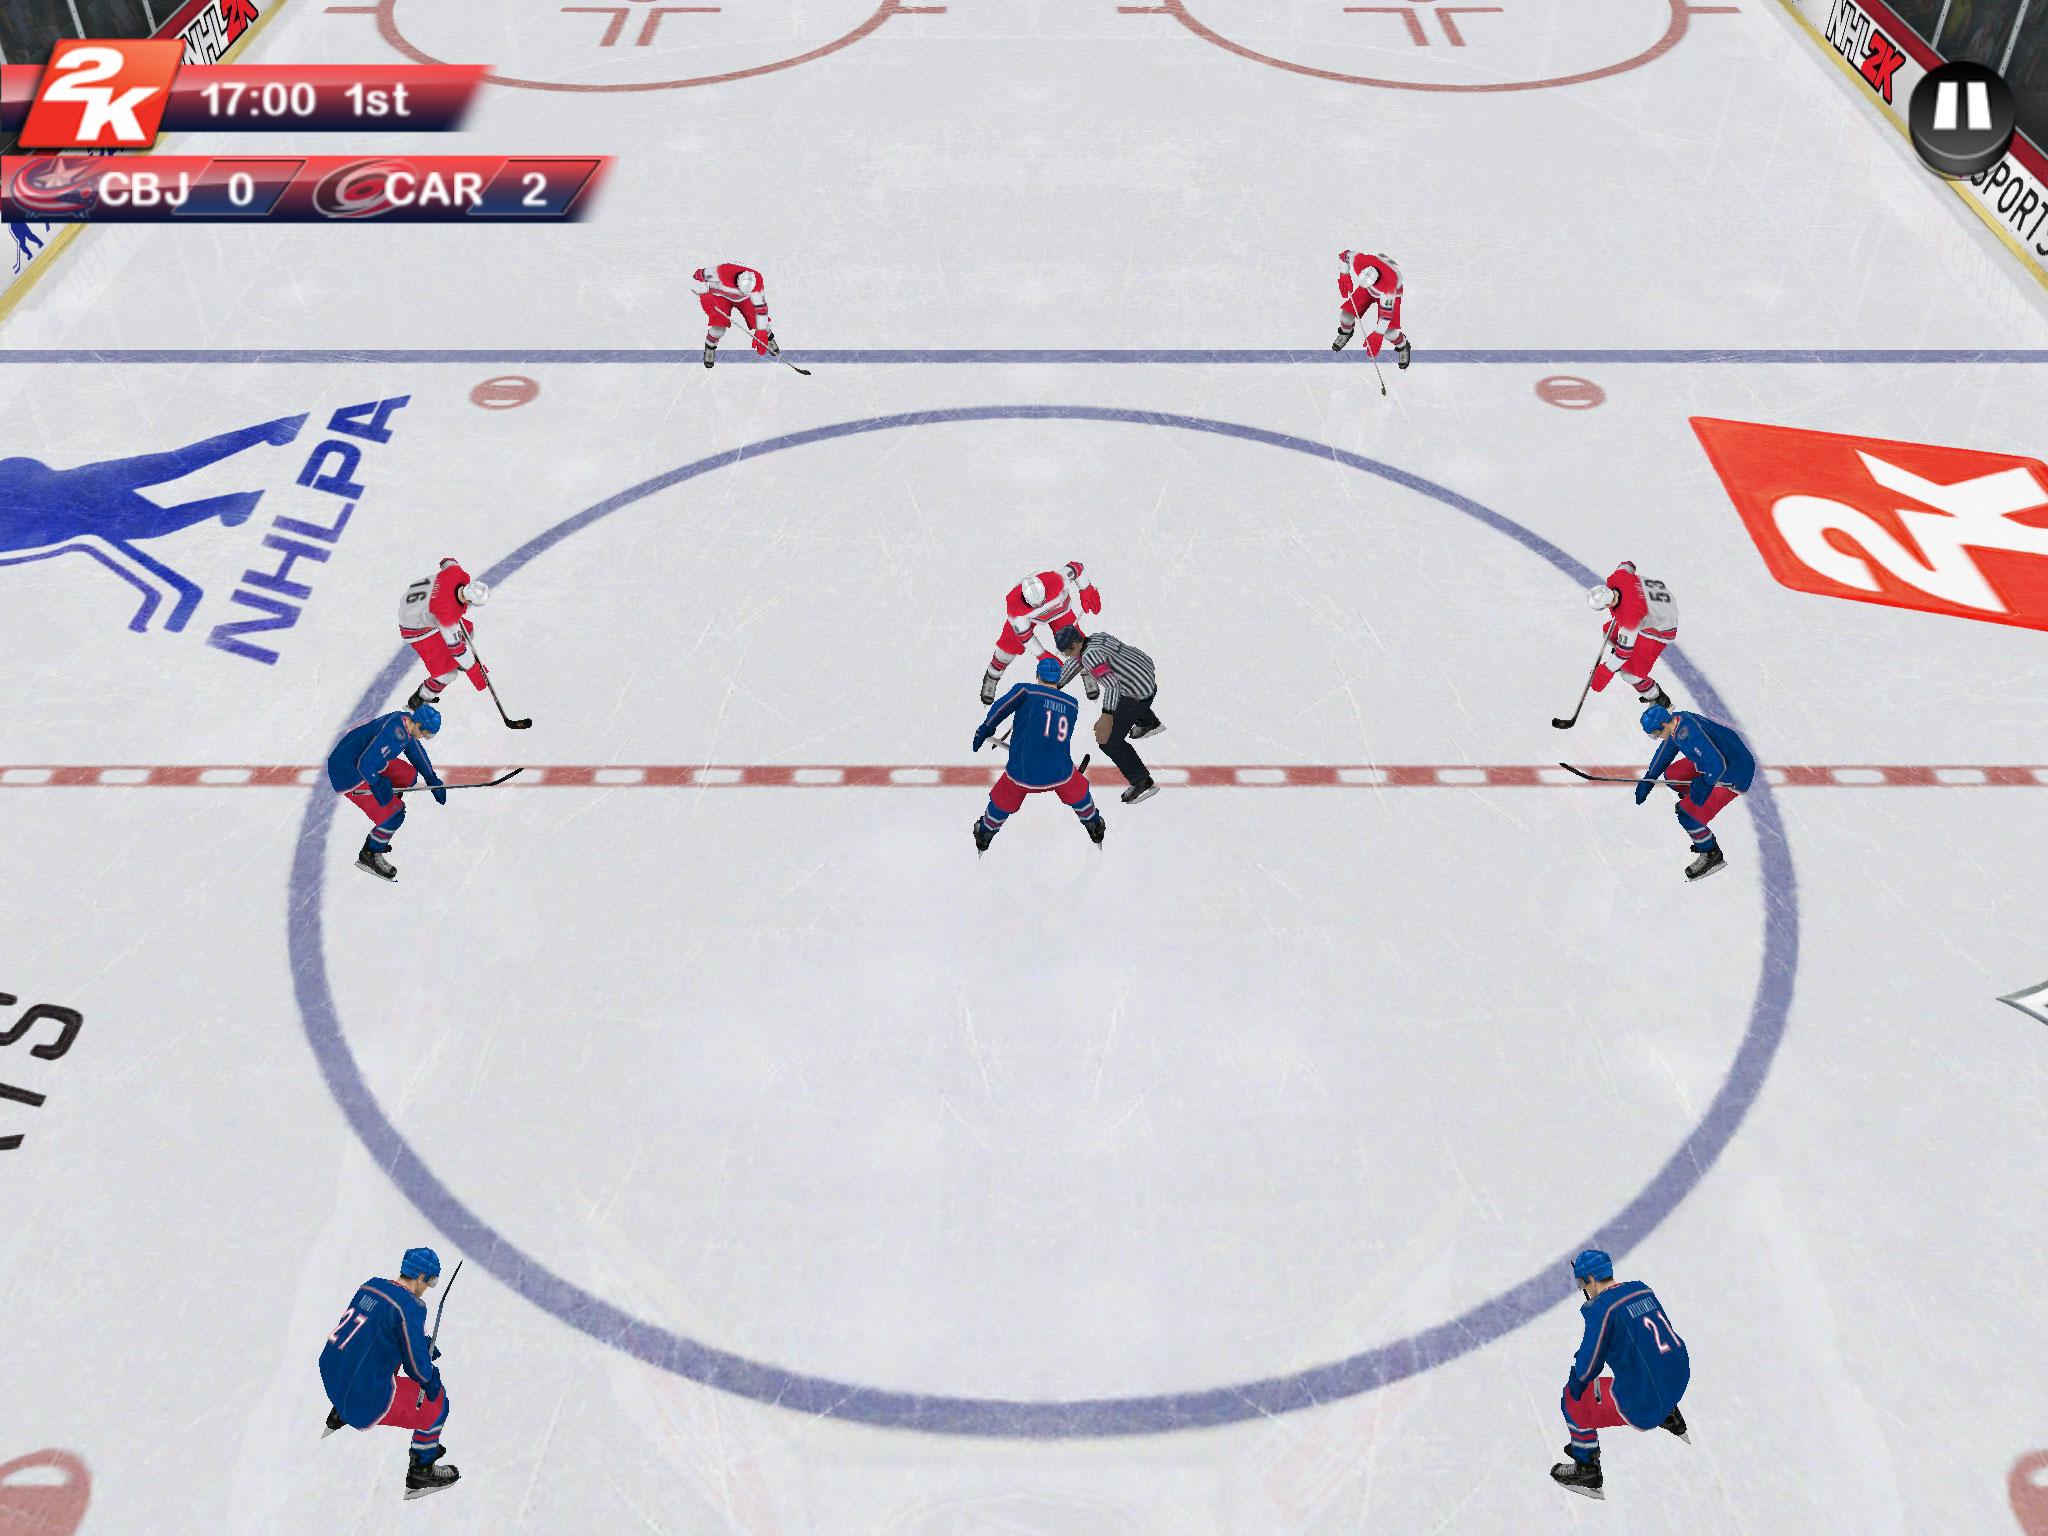 Modojo | NHL 2K